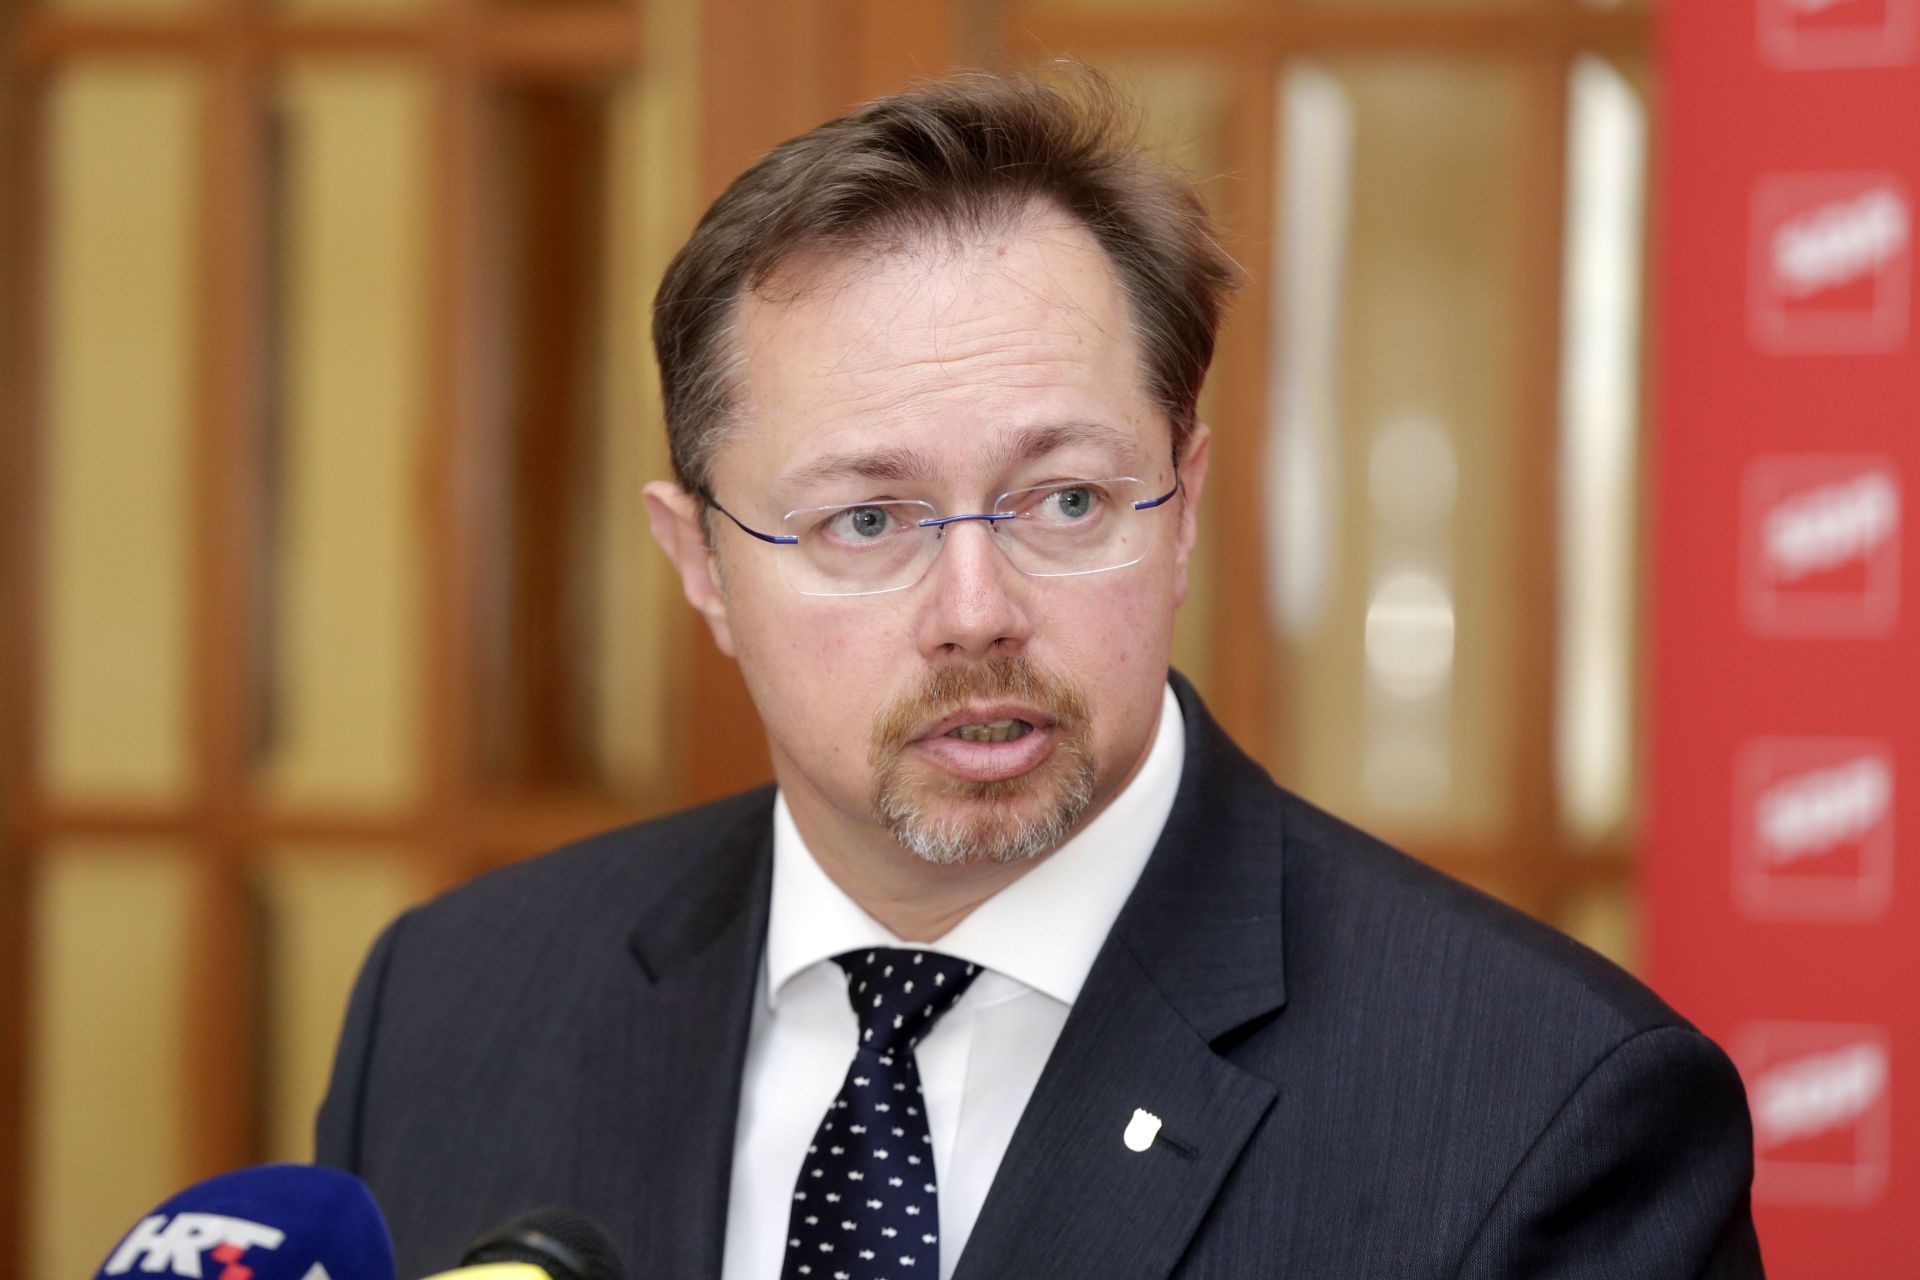 'Kujundžić je vrhunski liječnik, ali loš ministar'